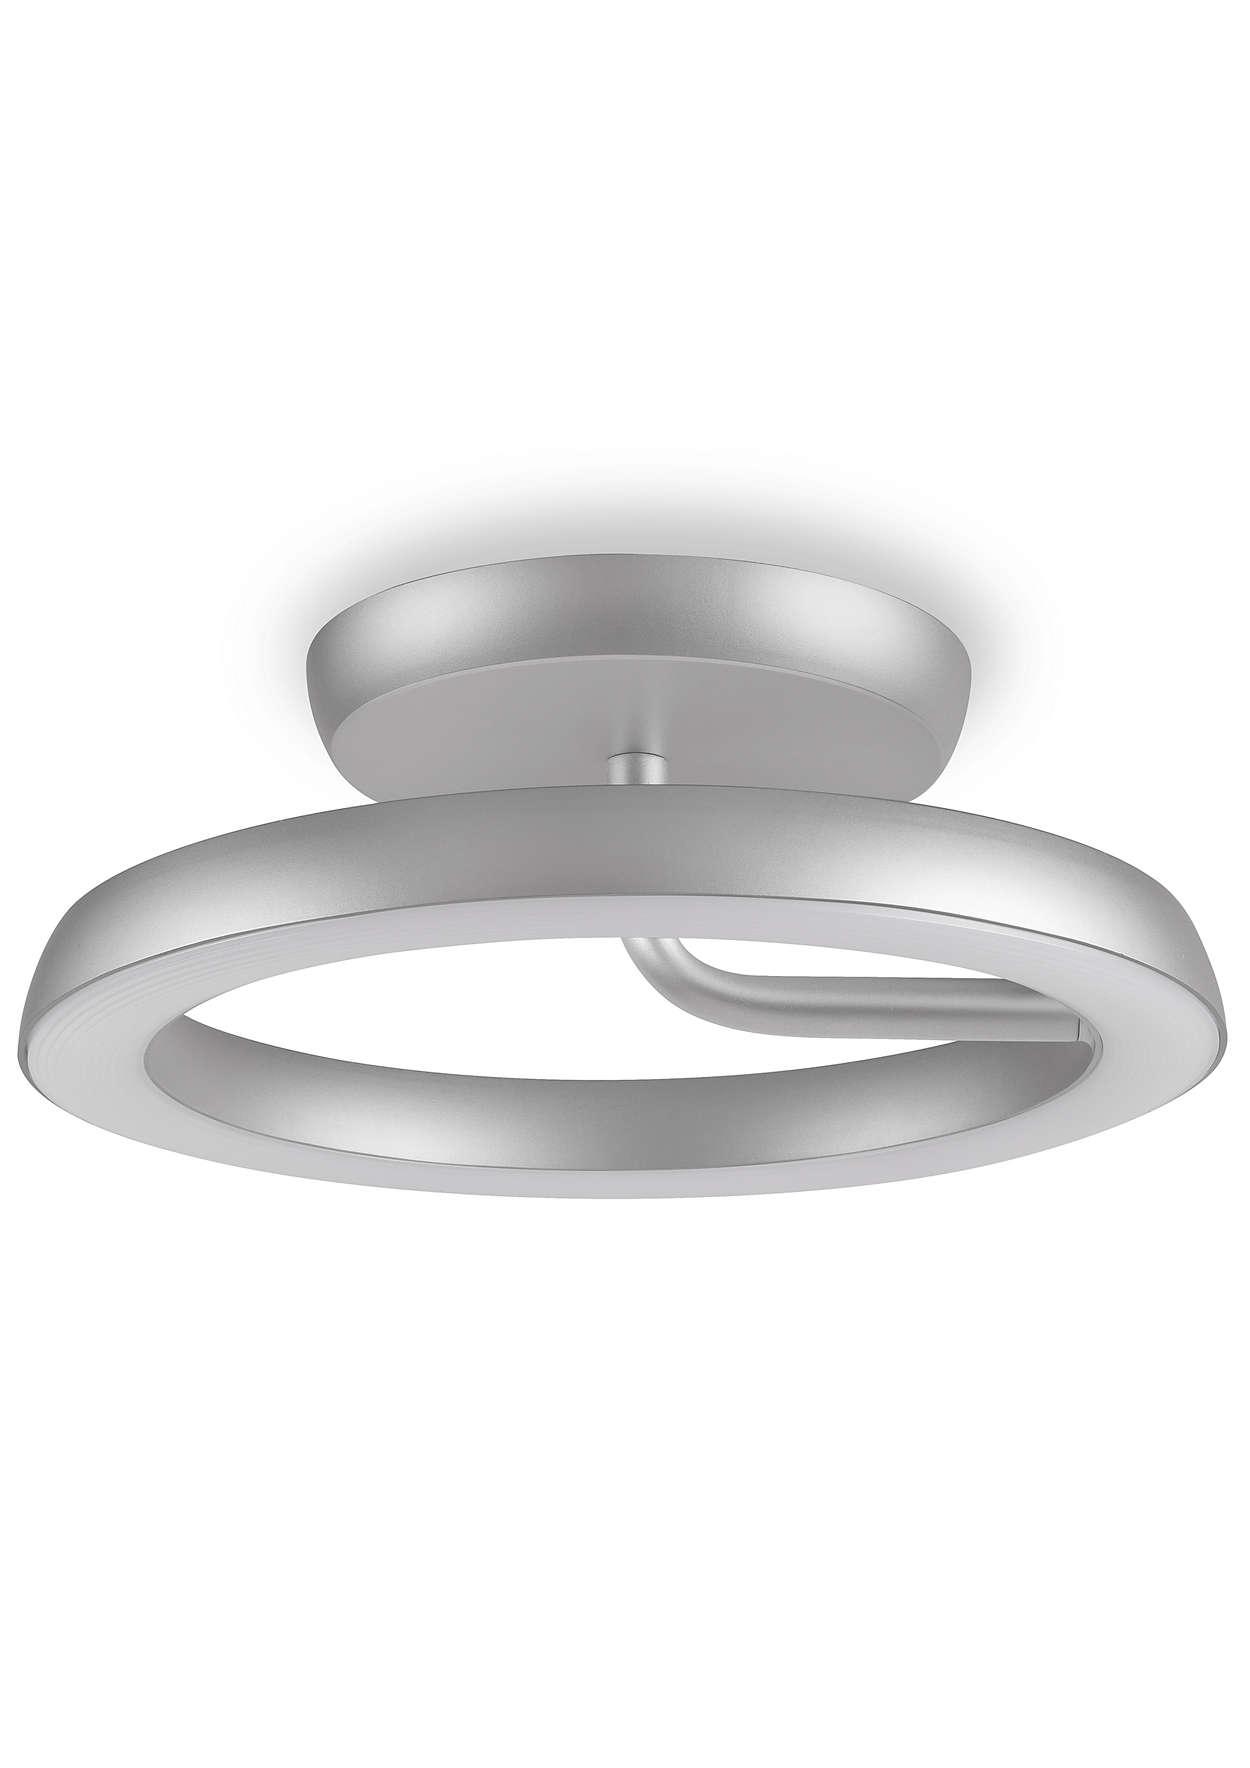 ceiling cool lighting product equivalent watt bulbs light led white